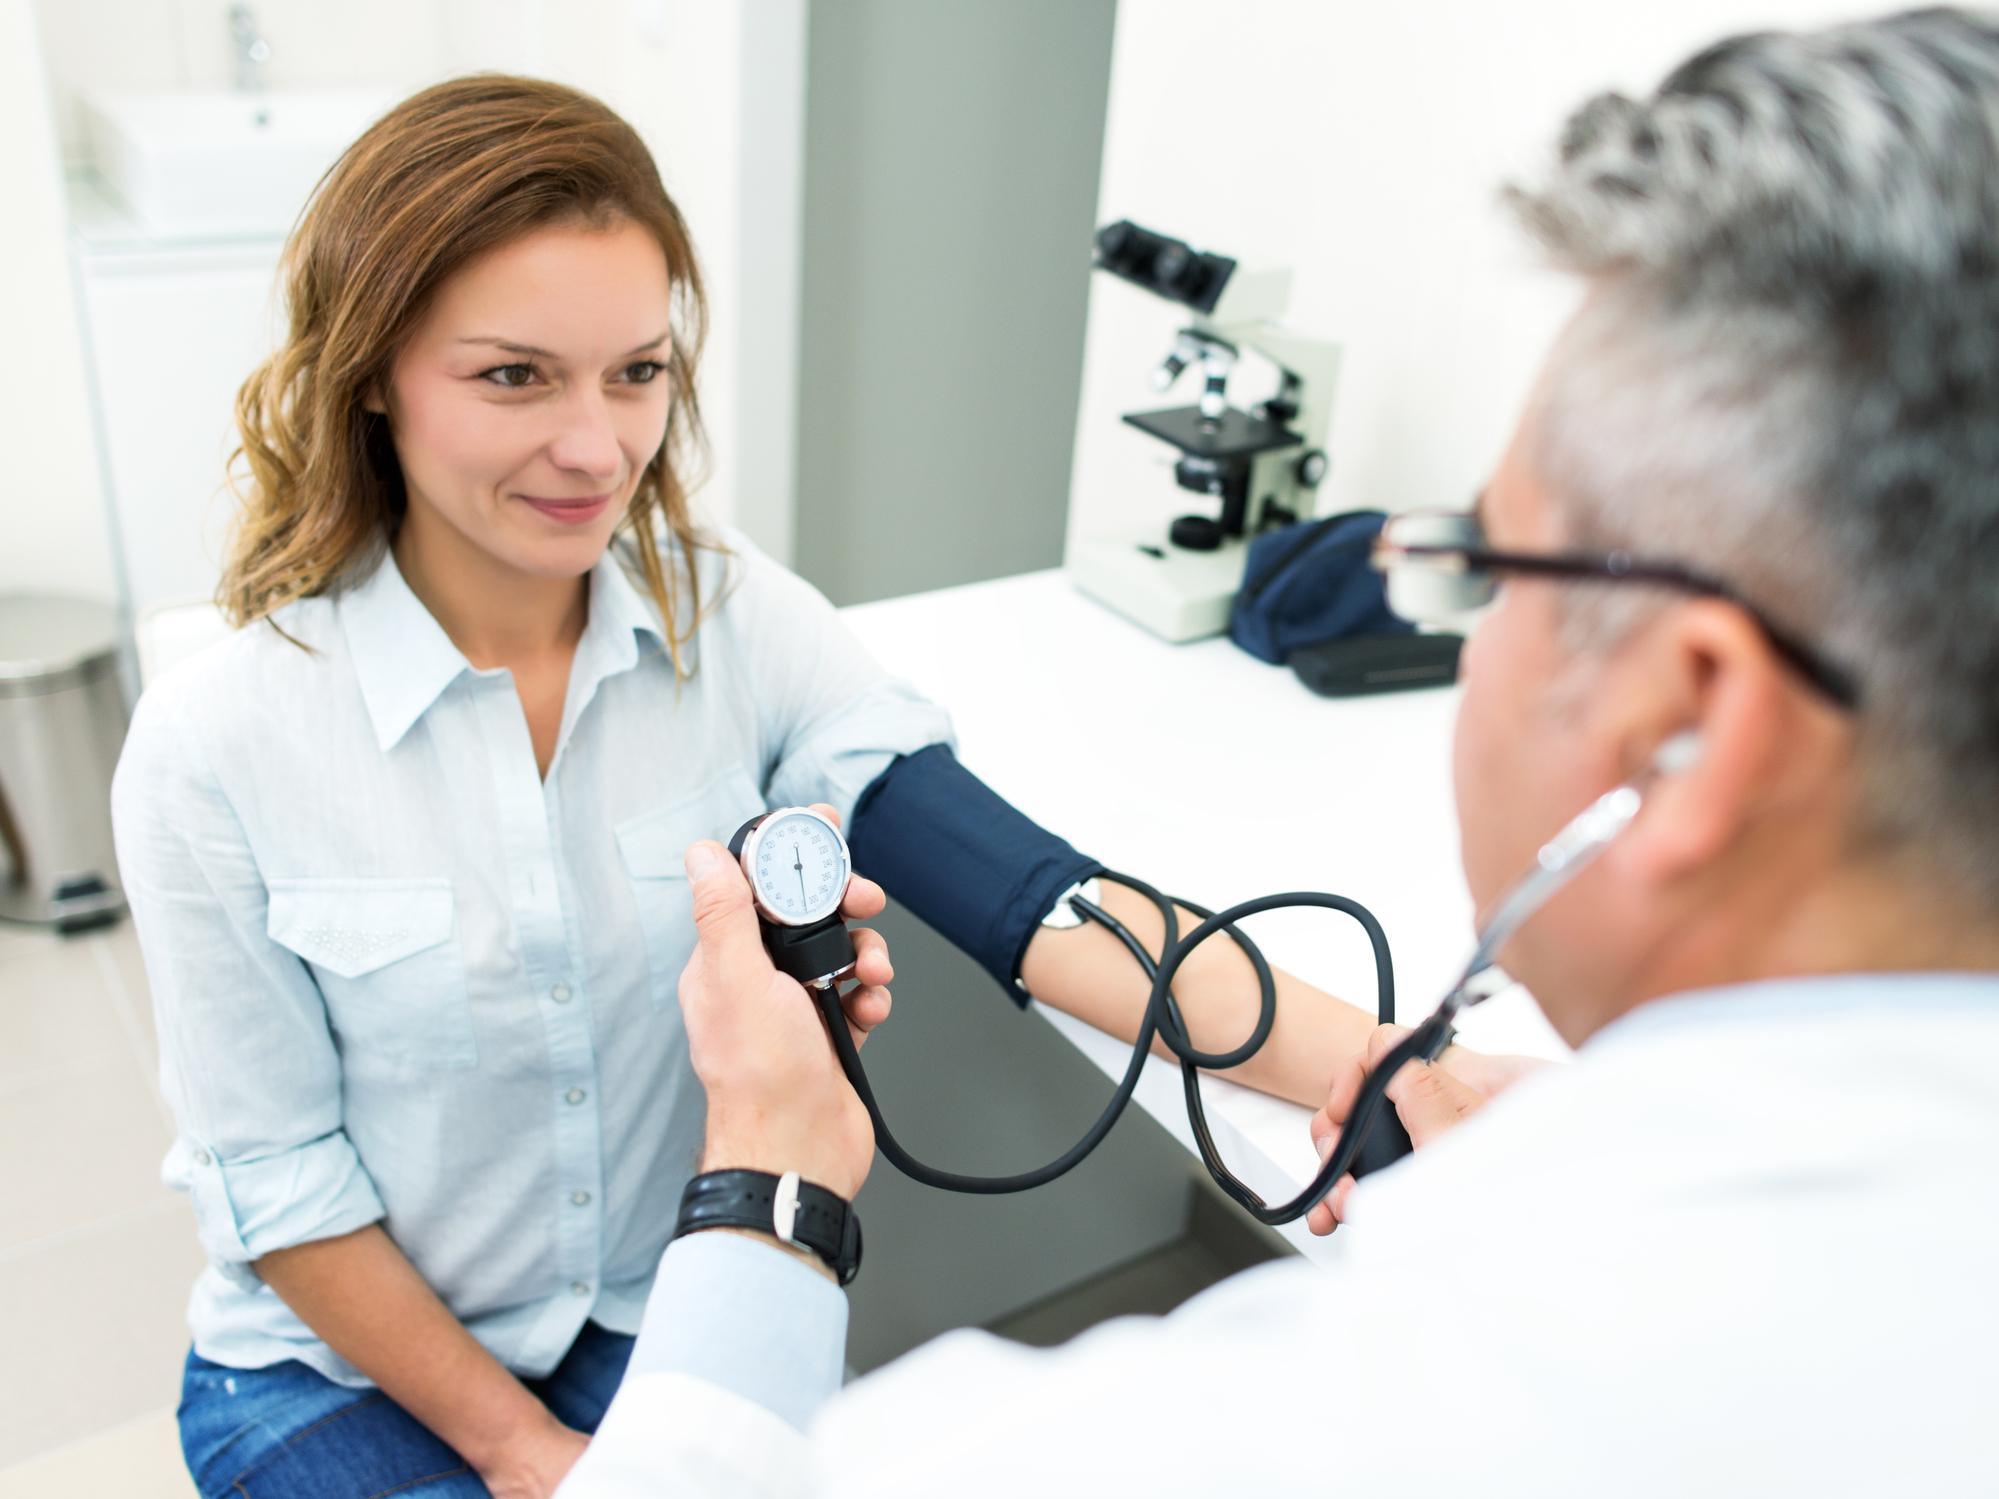 magas vérnyomás és asztma kezelése magnézium a magas vérnyomás kezelésében